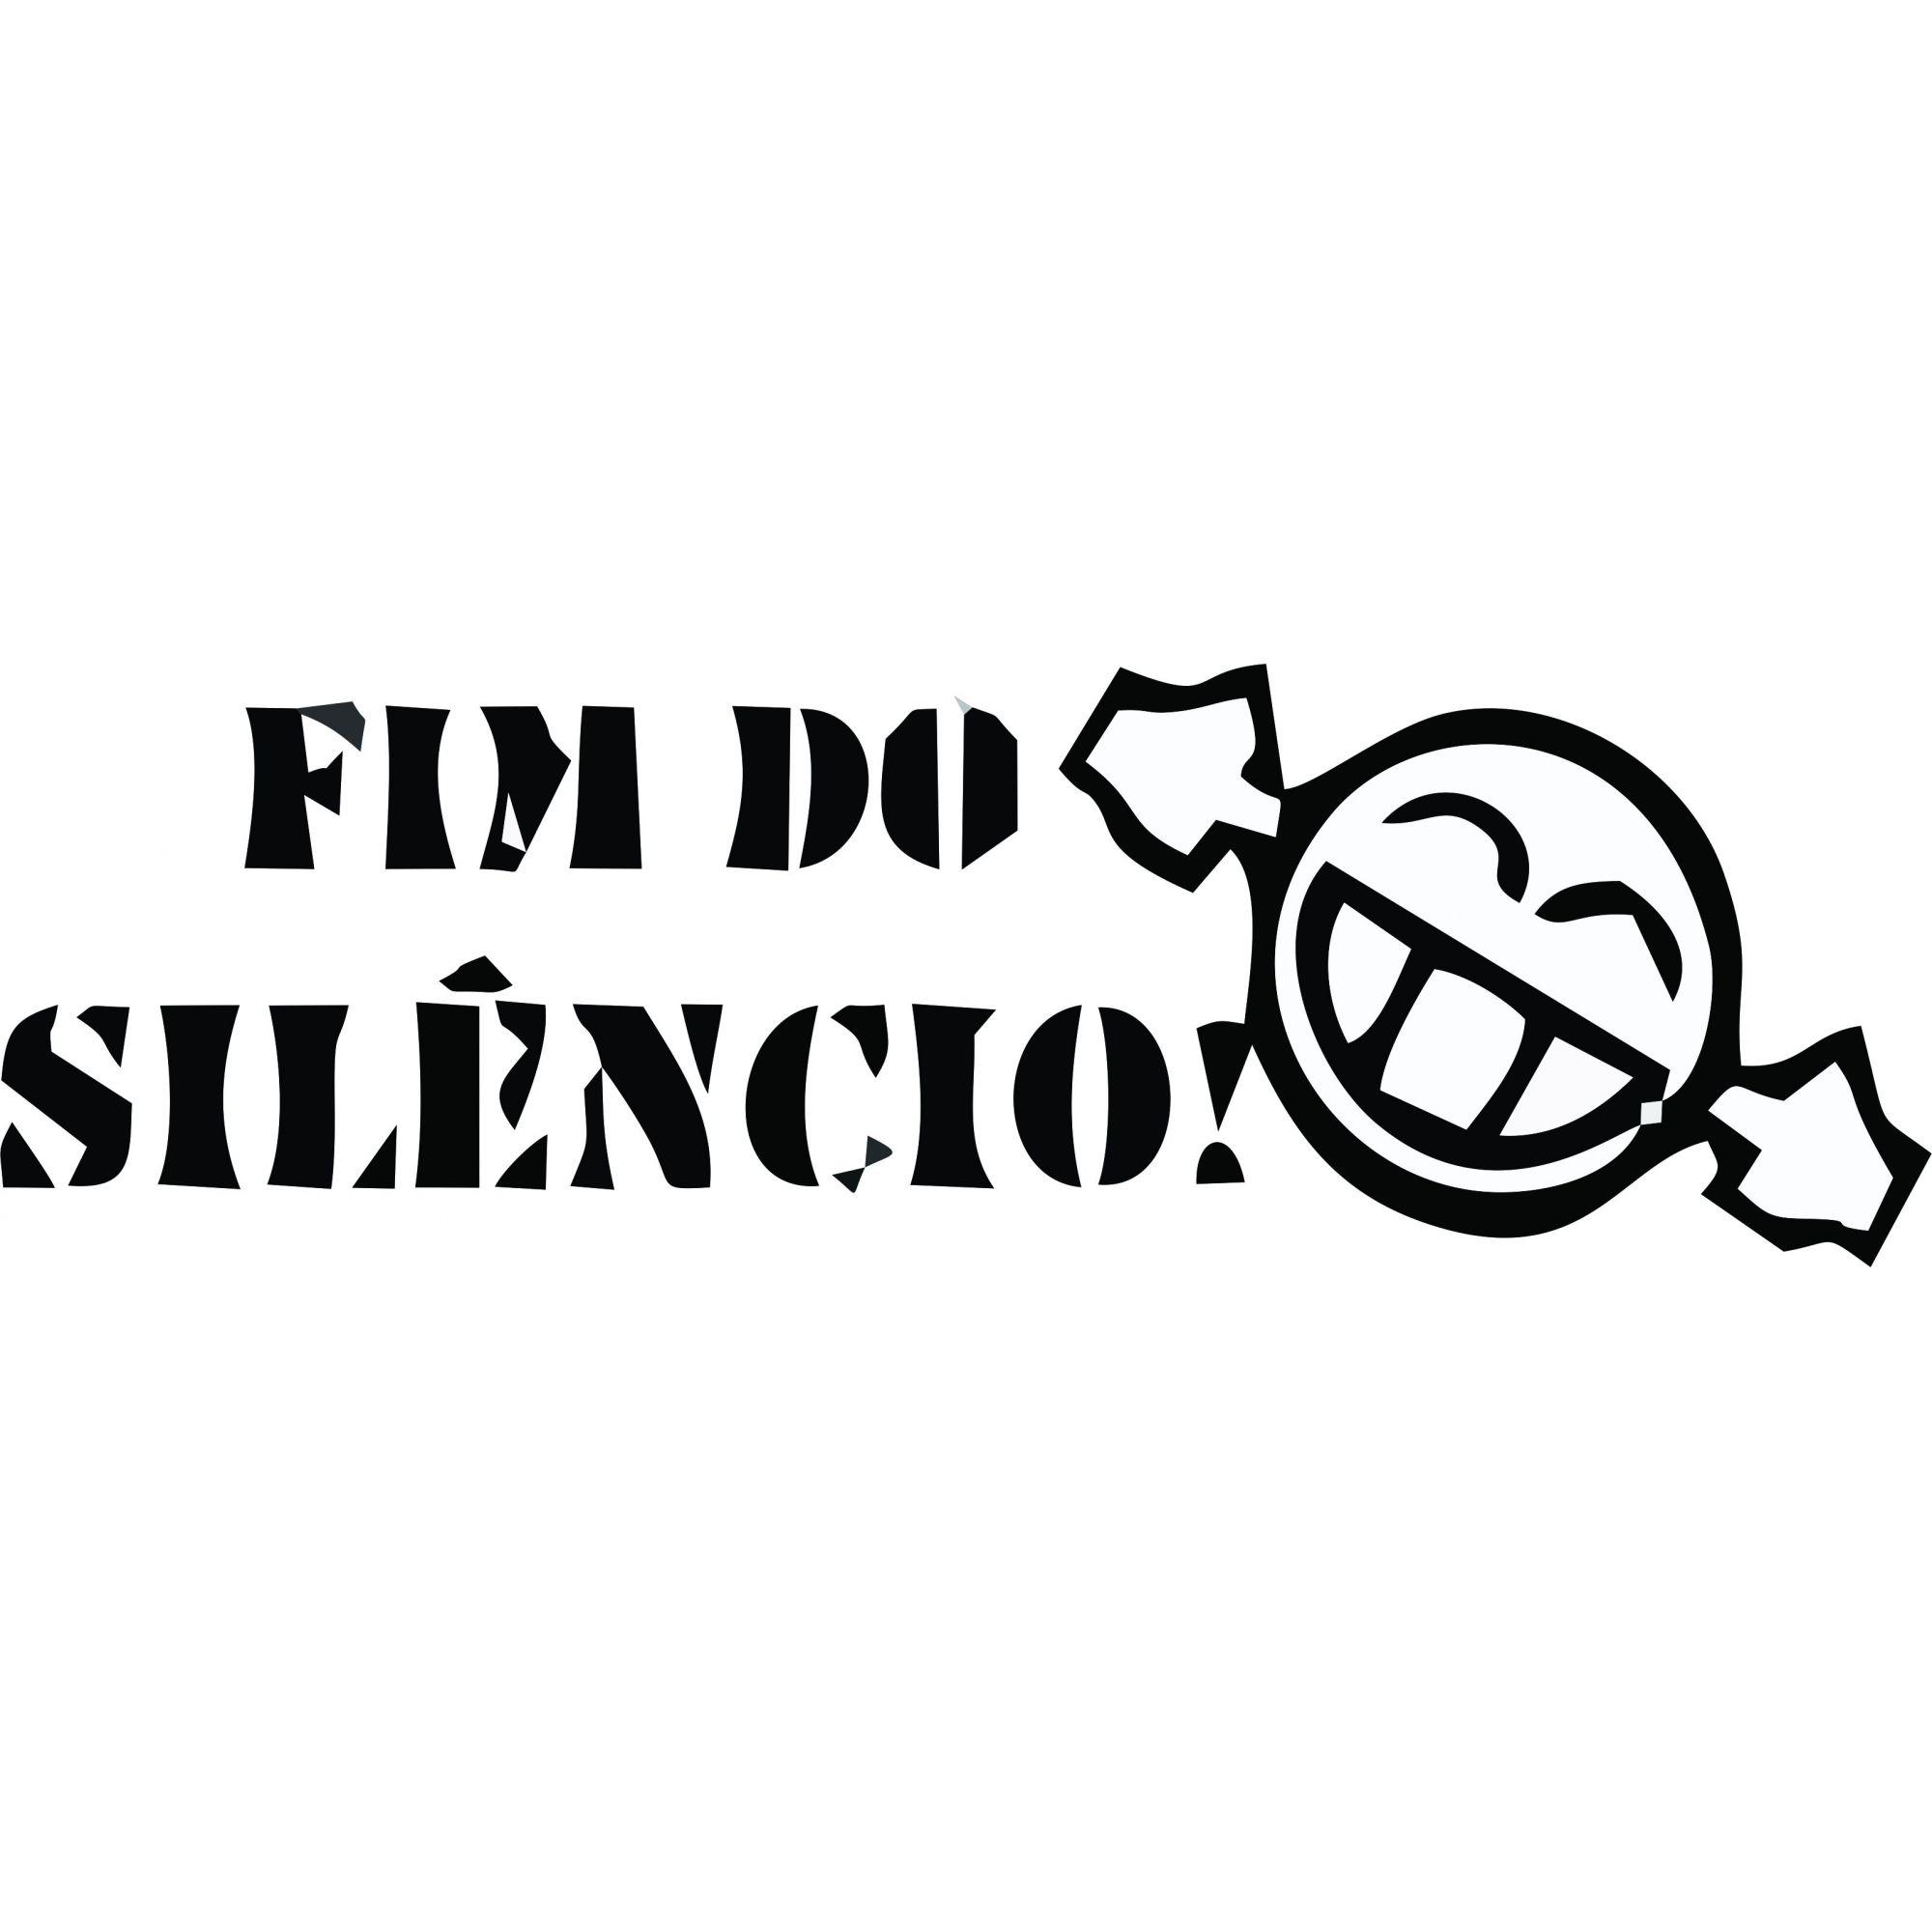 A1506 Auto Adesivo Automotivo Fim do Silencio